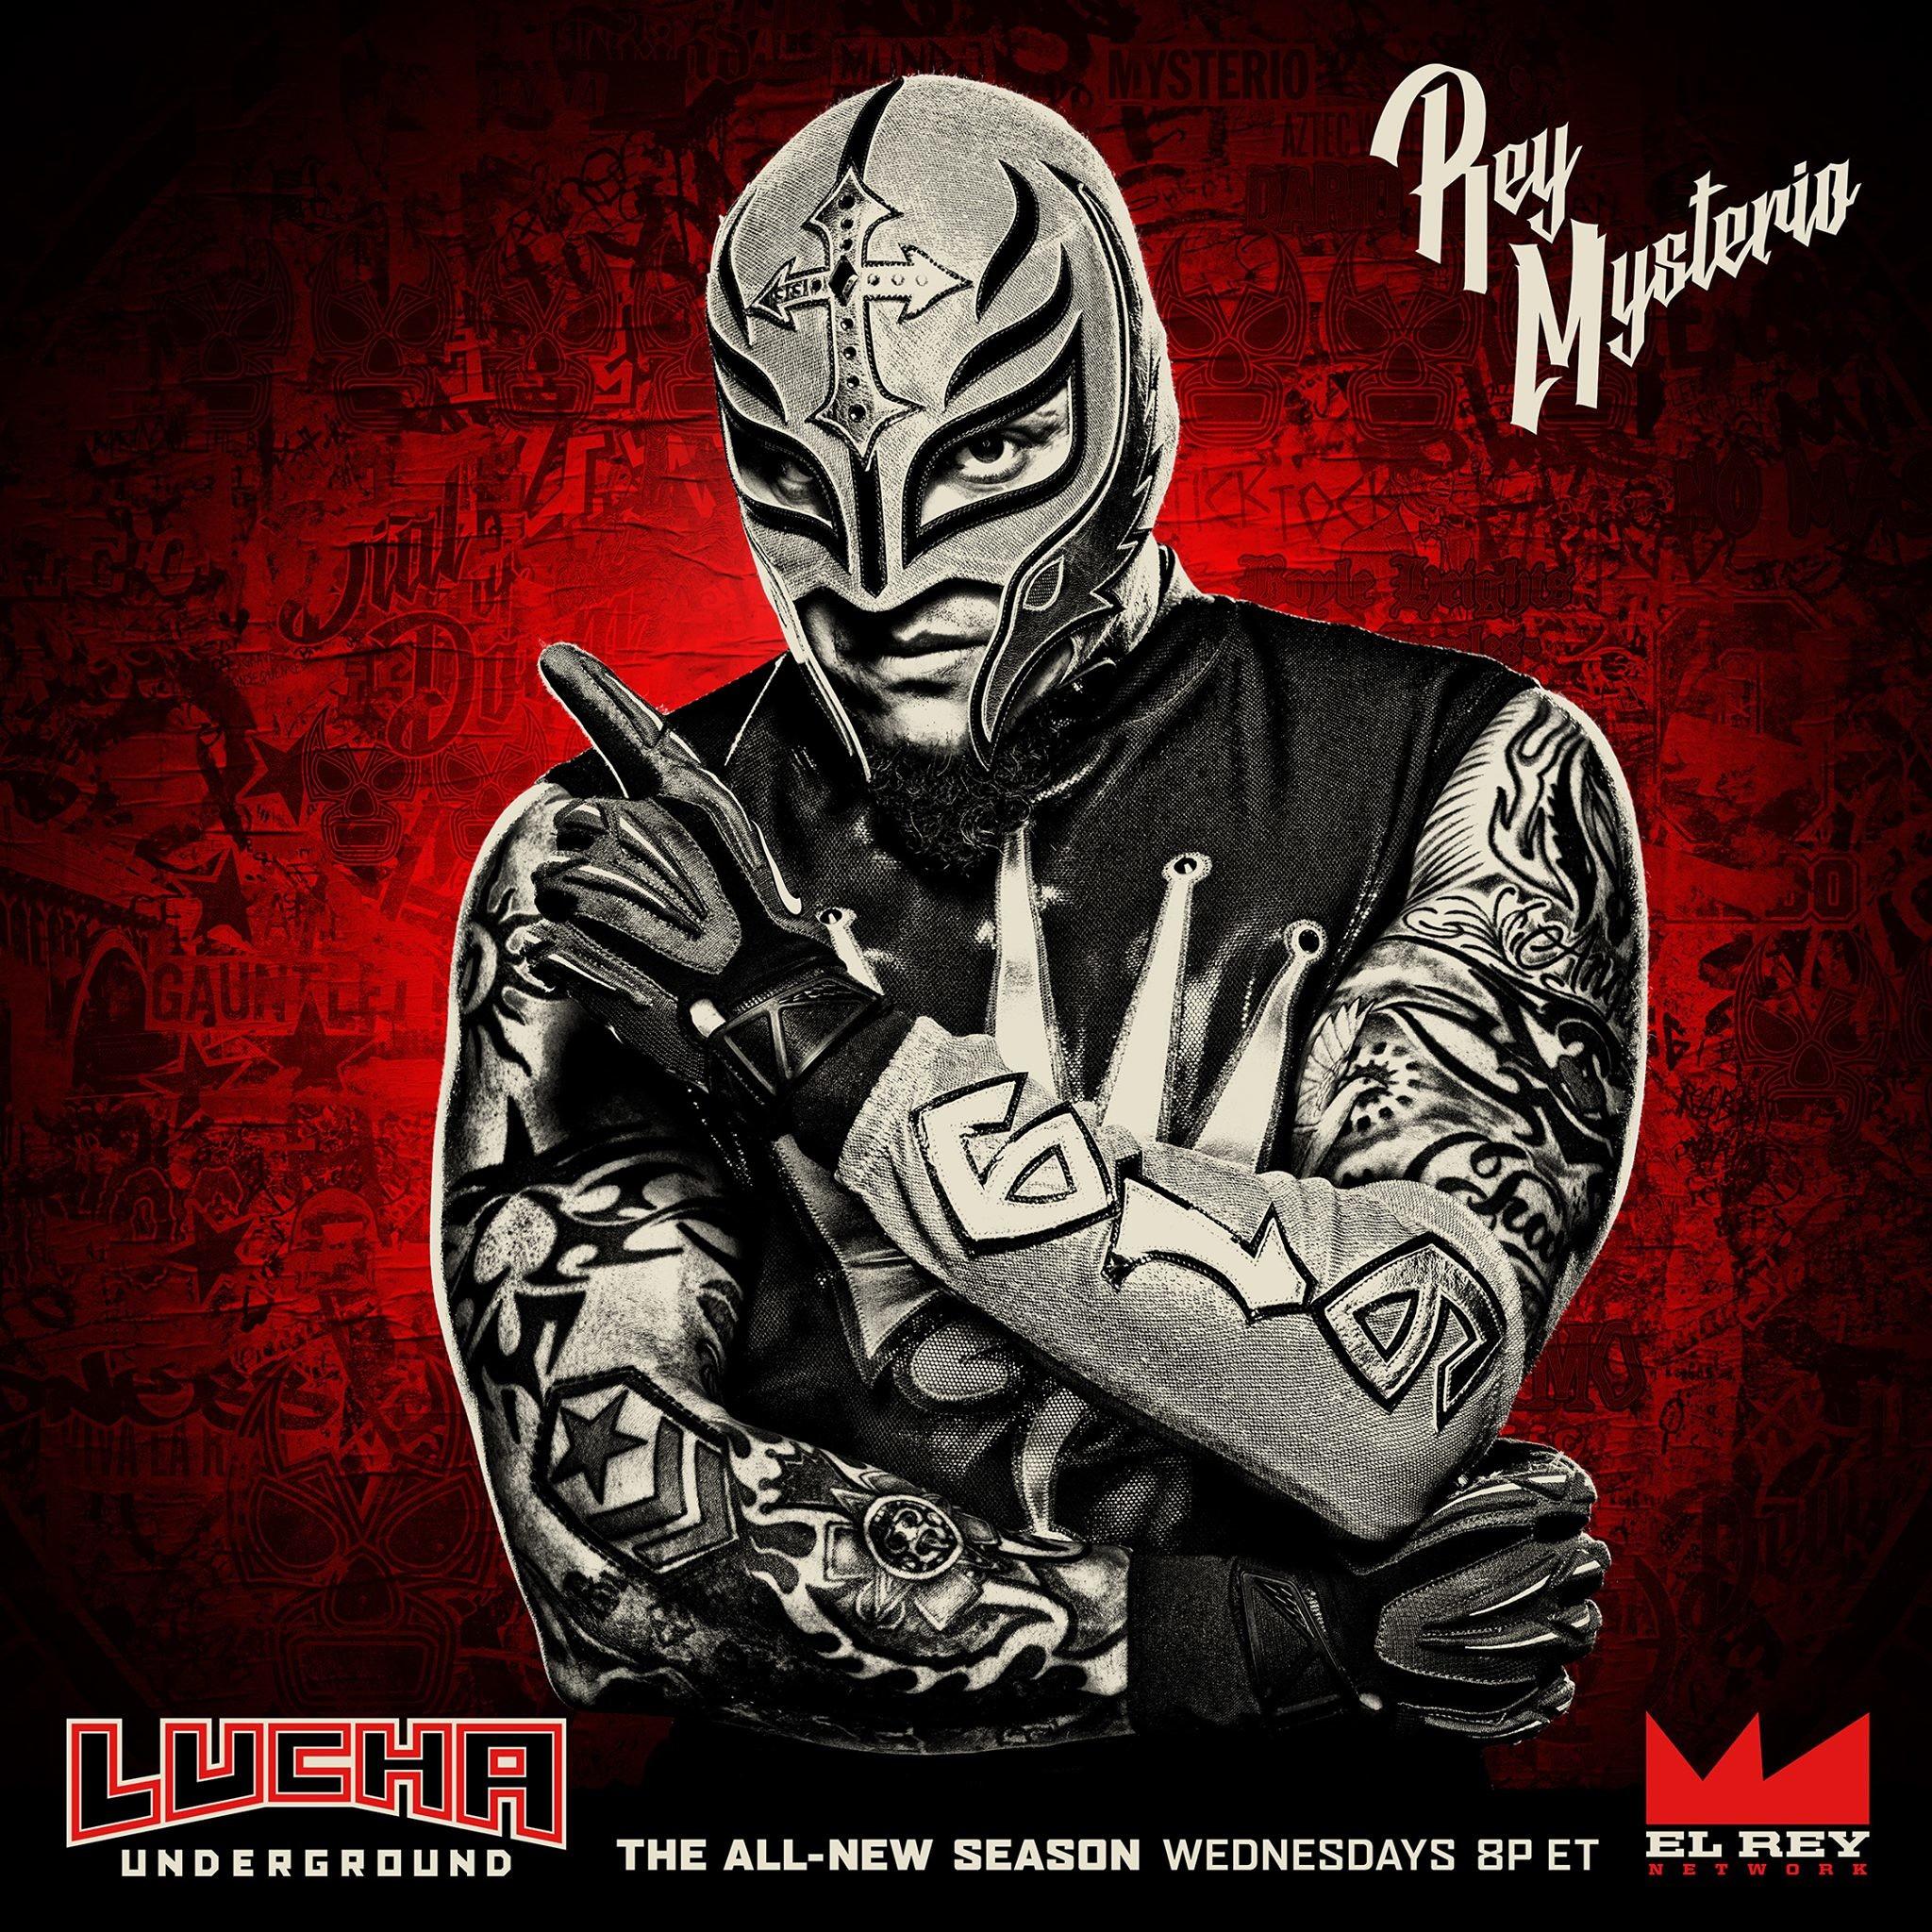 Rey Mysterio Lucha Underground